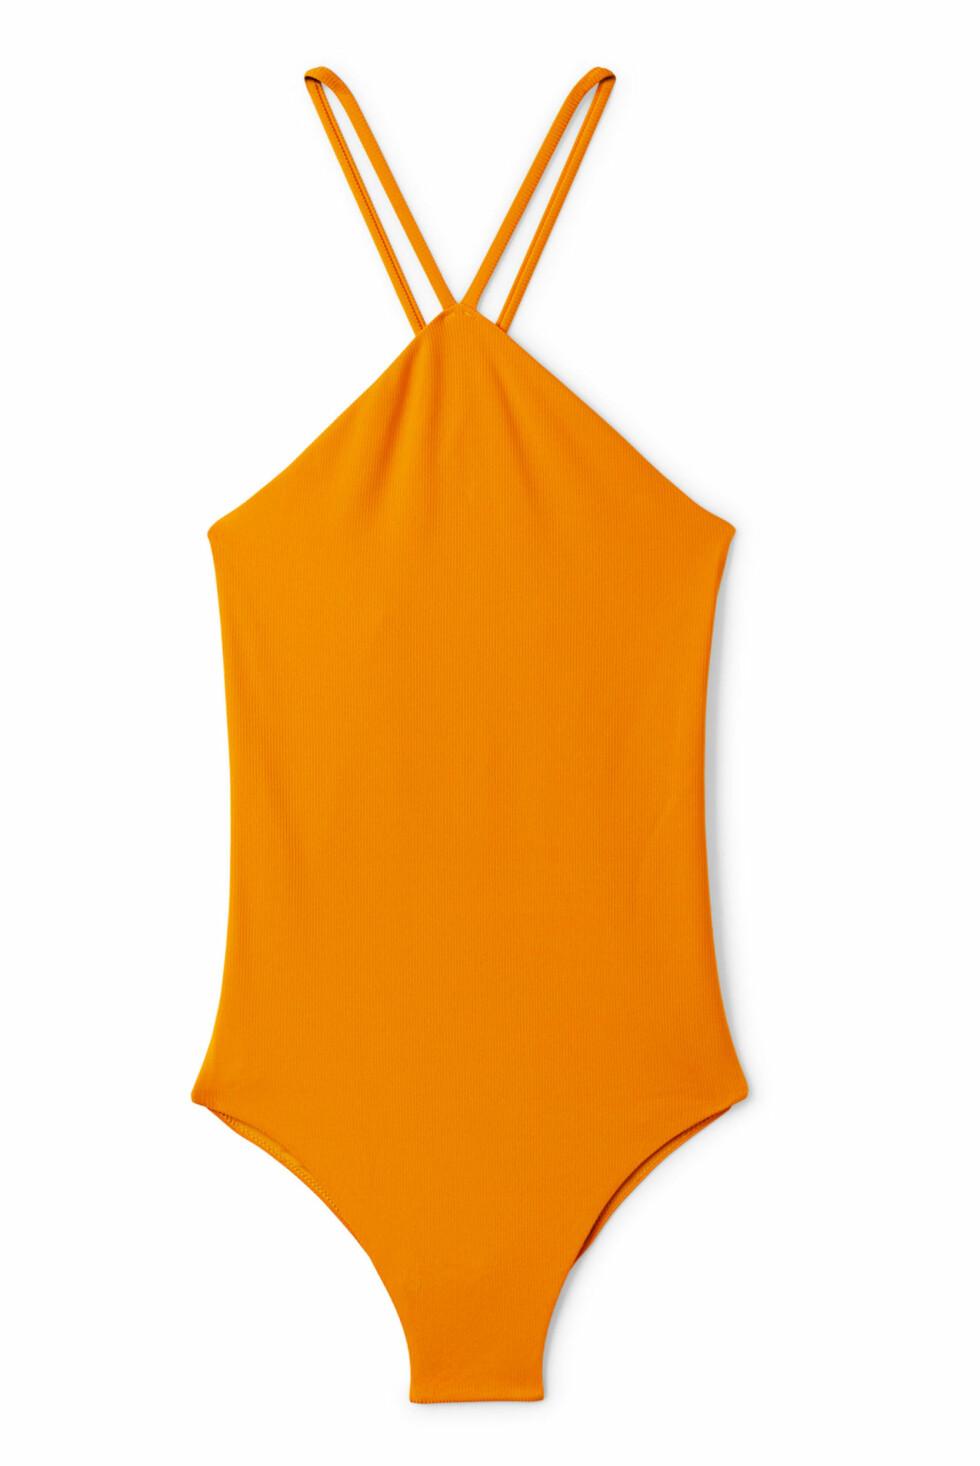 Badedrakt fra Weekday |250,-| https://www.weekday.com/en_sek/women/categories/swimwear/product.halley-swimsuit-yellow.0573973001.html